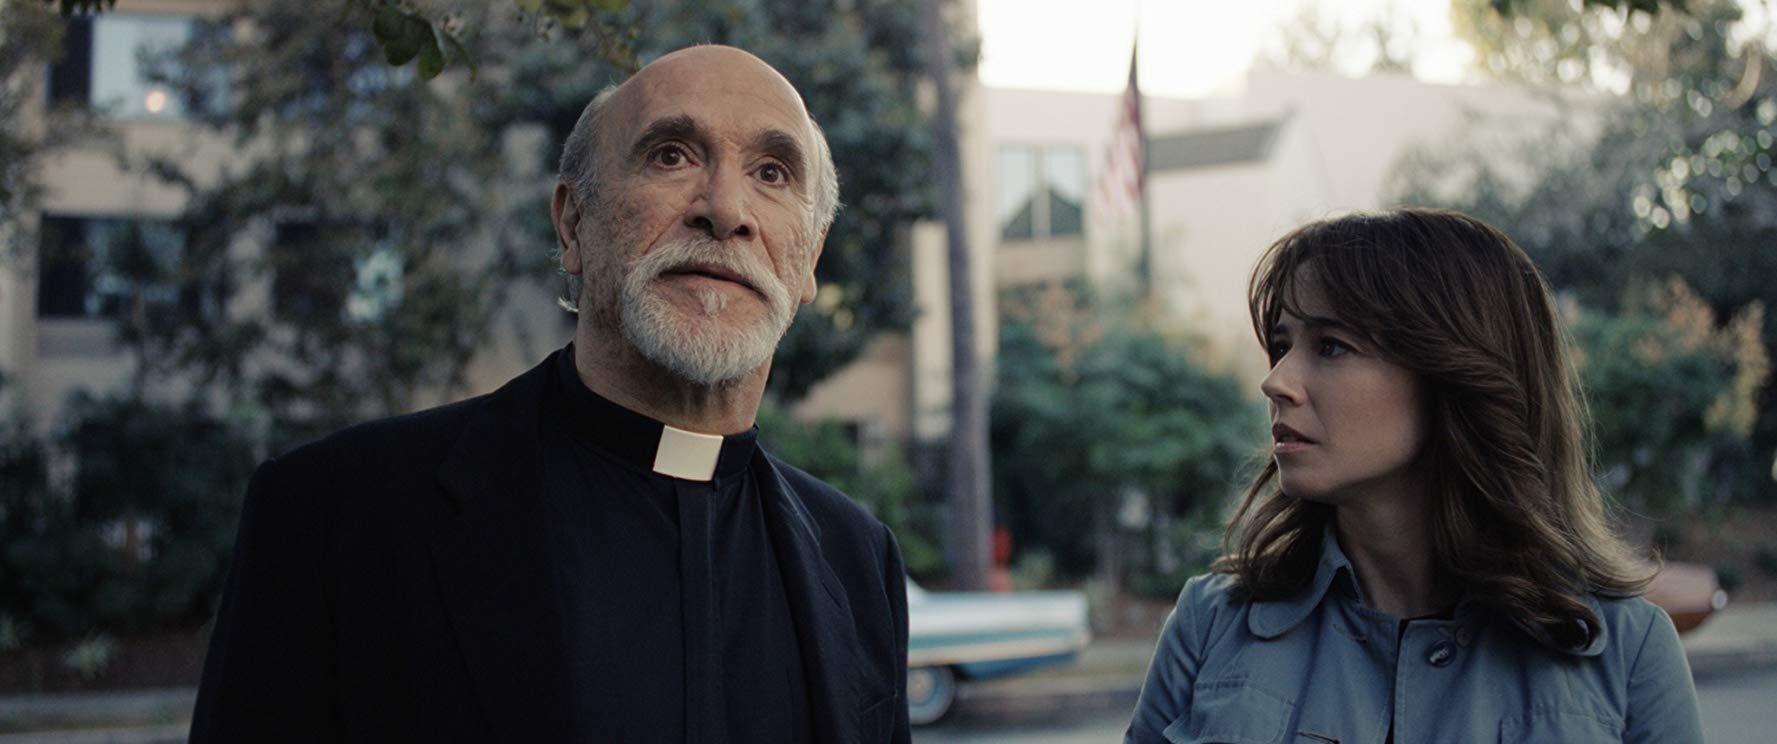 La Llorona - le lacrime del male: Tony Amendola e Linda Cardellini